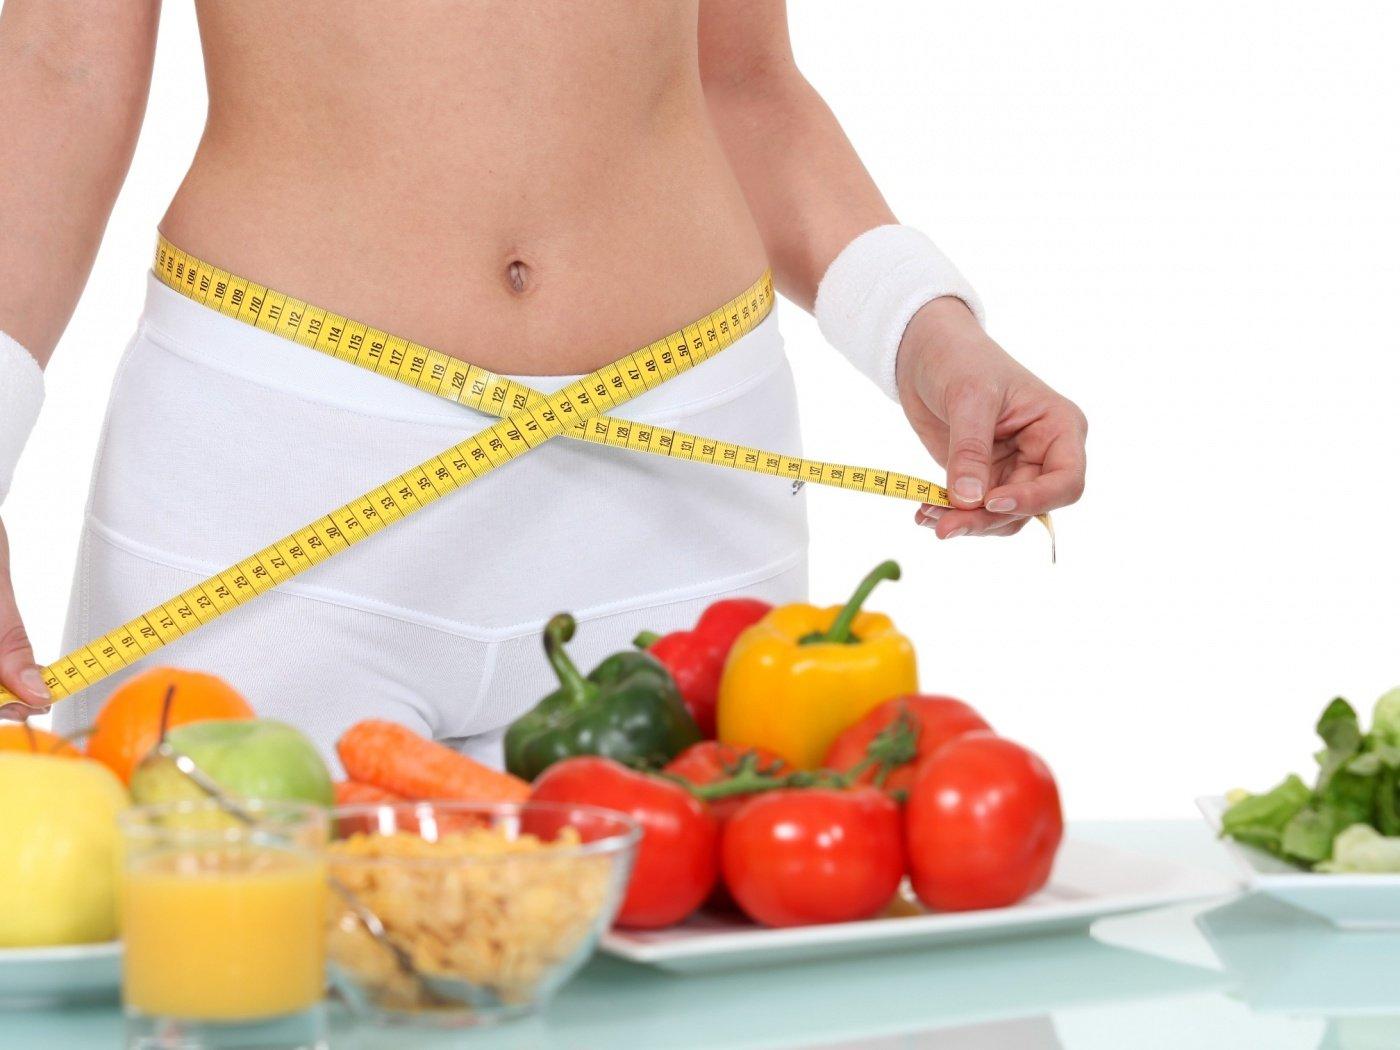 Диета Похудеть Эффективно И Надолго. Экстремальные диеты для быстрого похудения